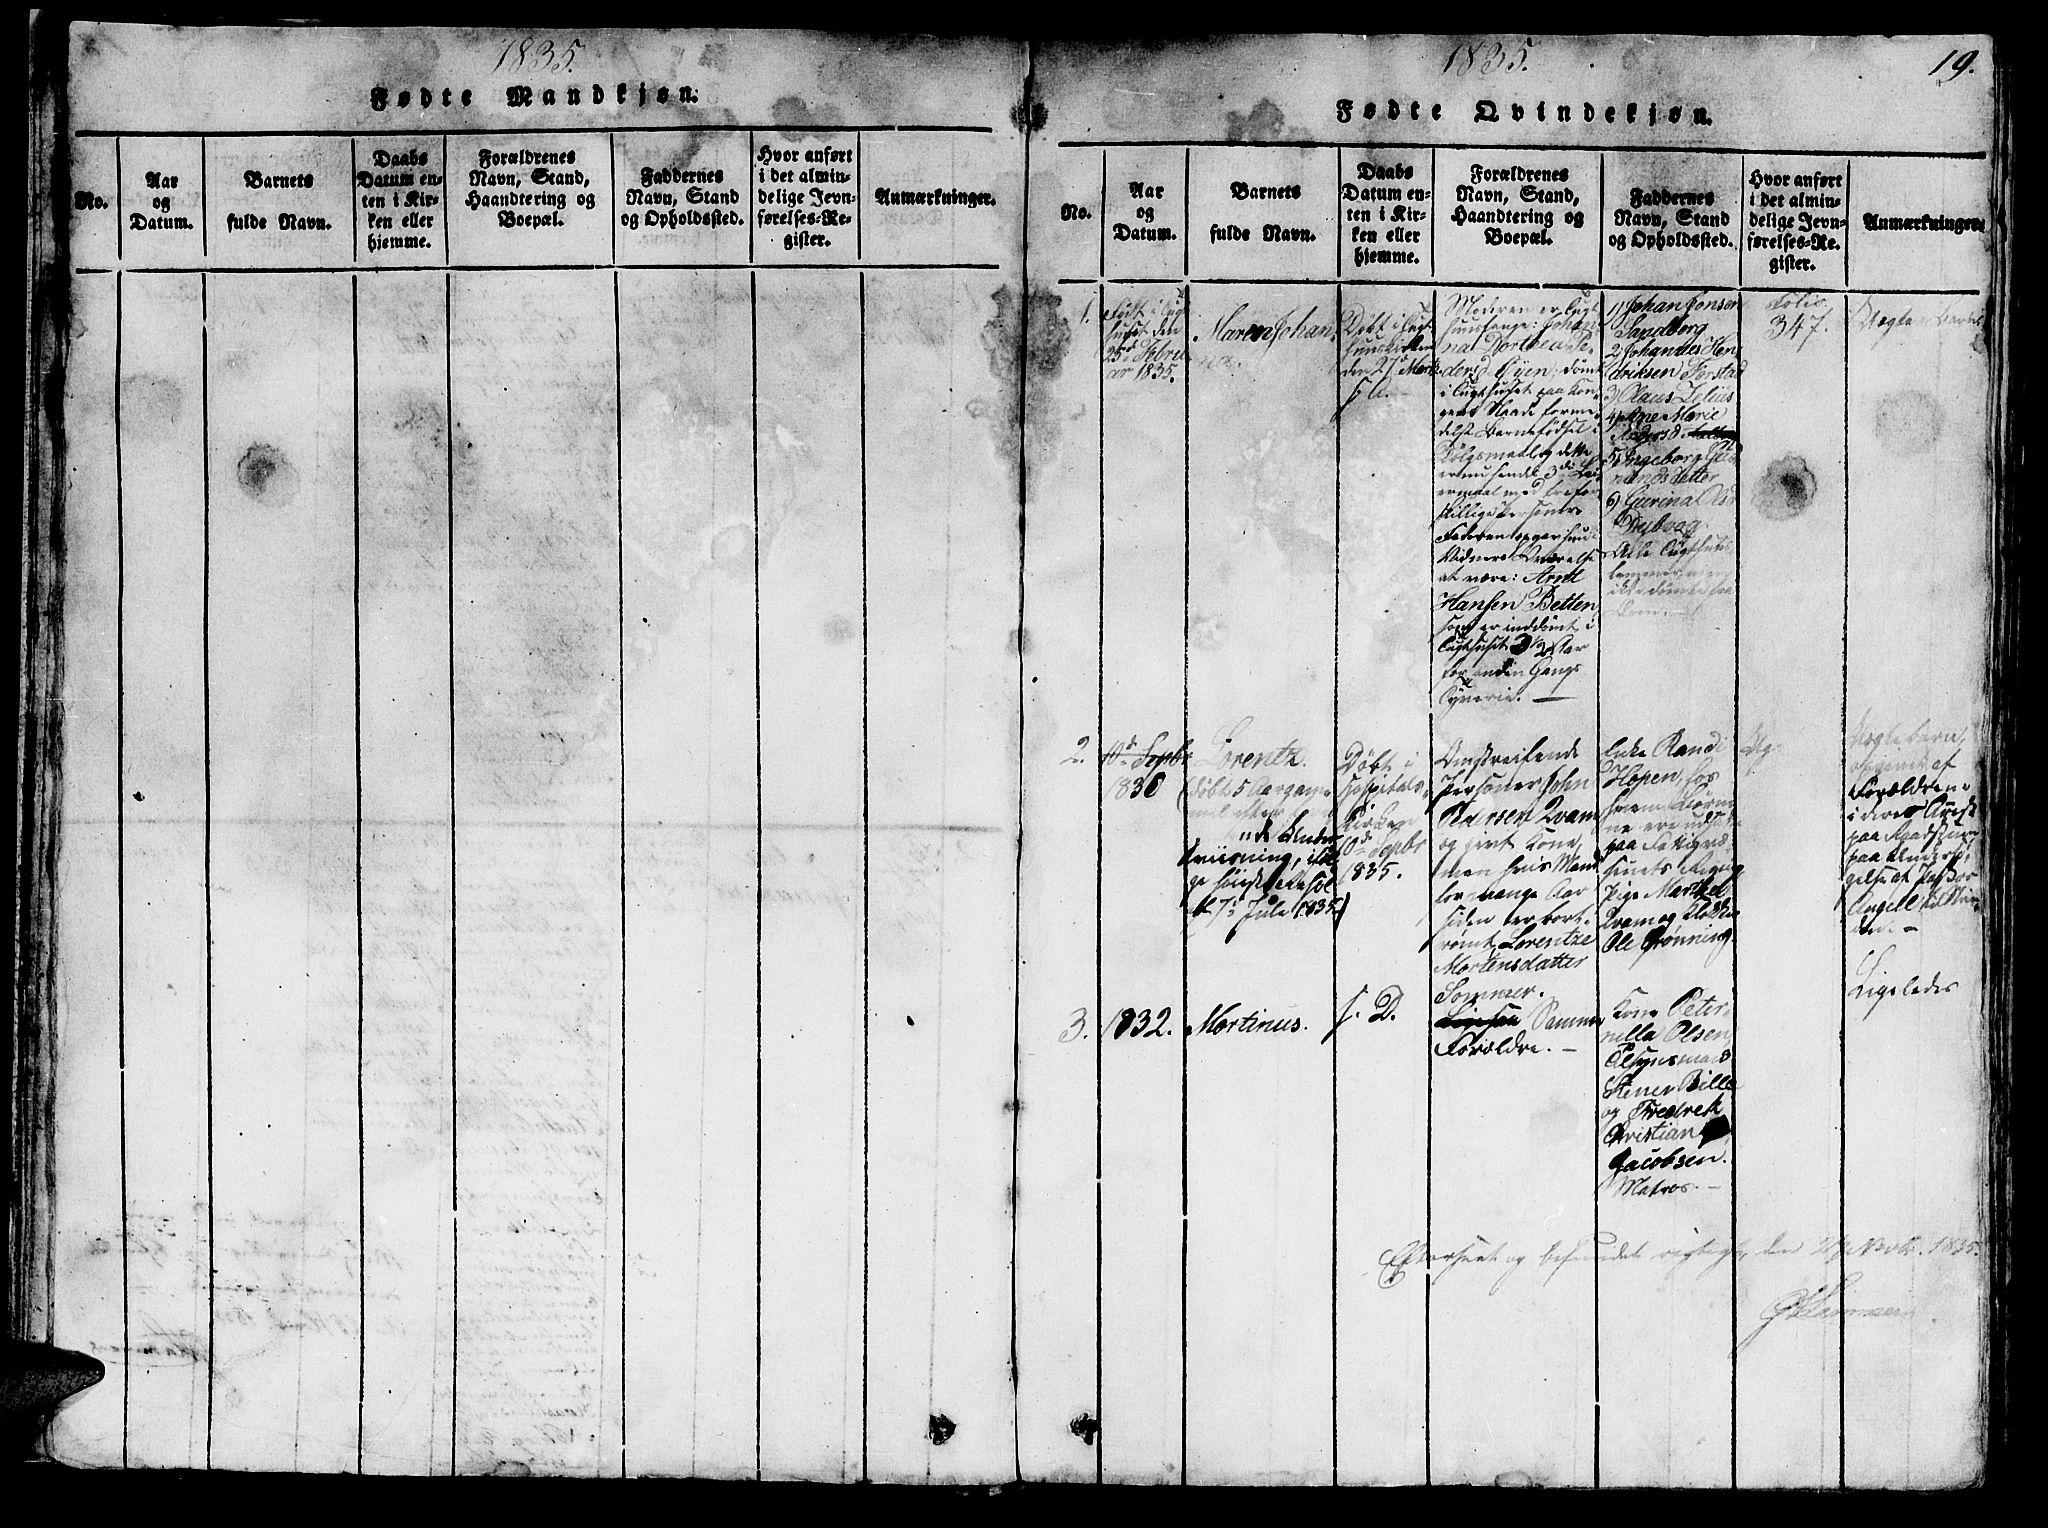 SAT, Ministerialprotokoller, klokkerbøker og fødselsregistre - Sør-Trøndelag, 623/L0478: Klokkerbok nr. 623C01, 1815-1873, s. 19